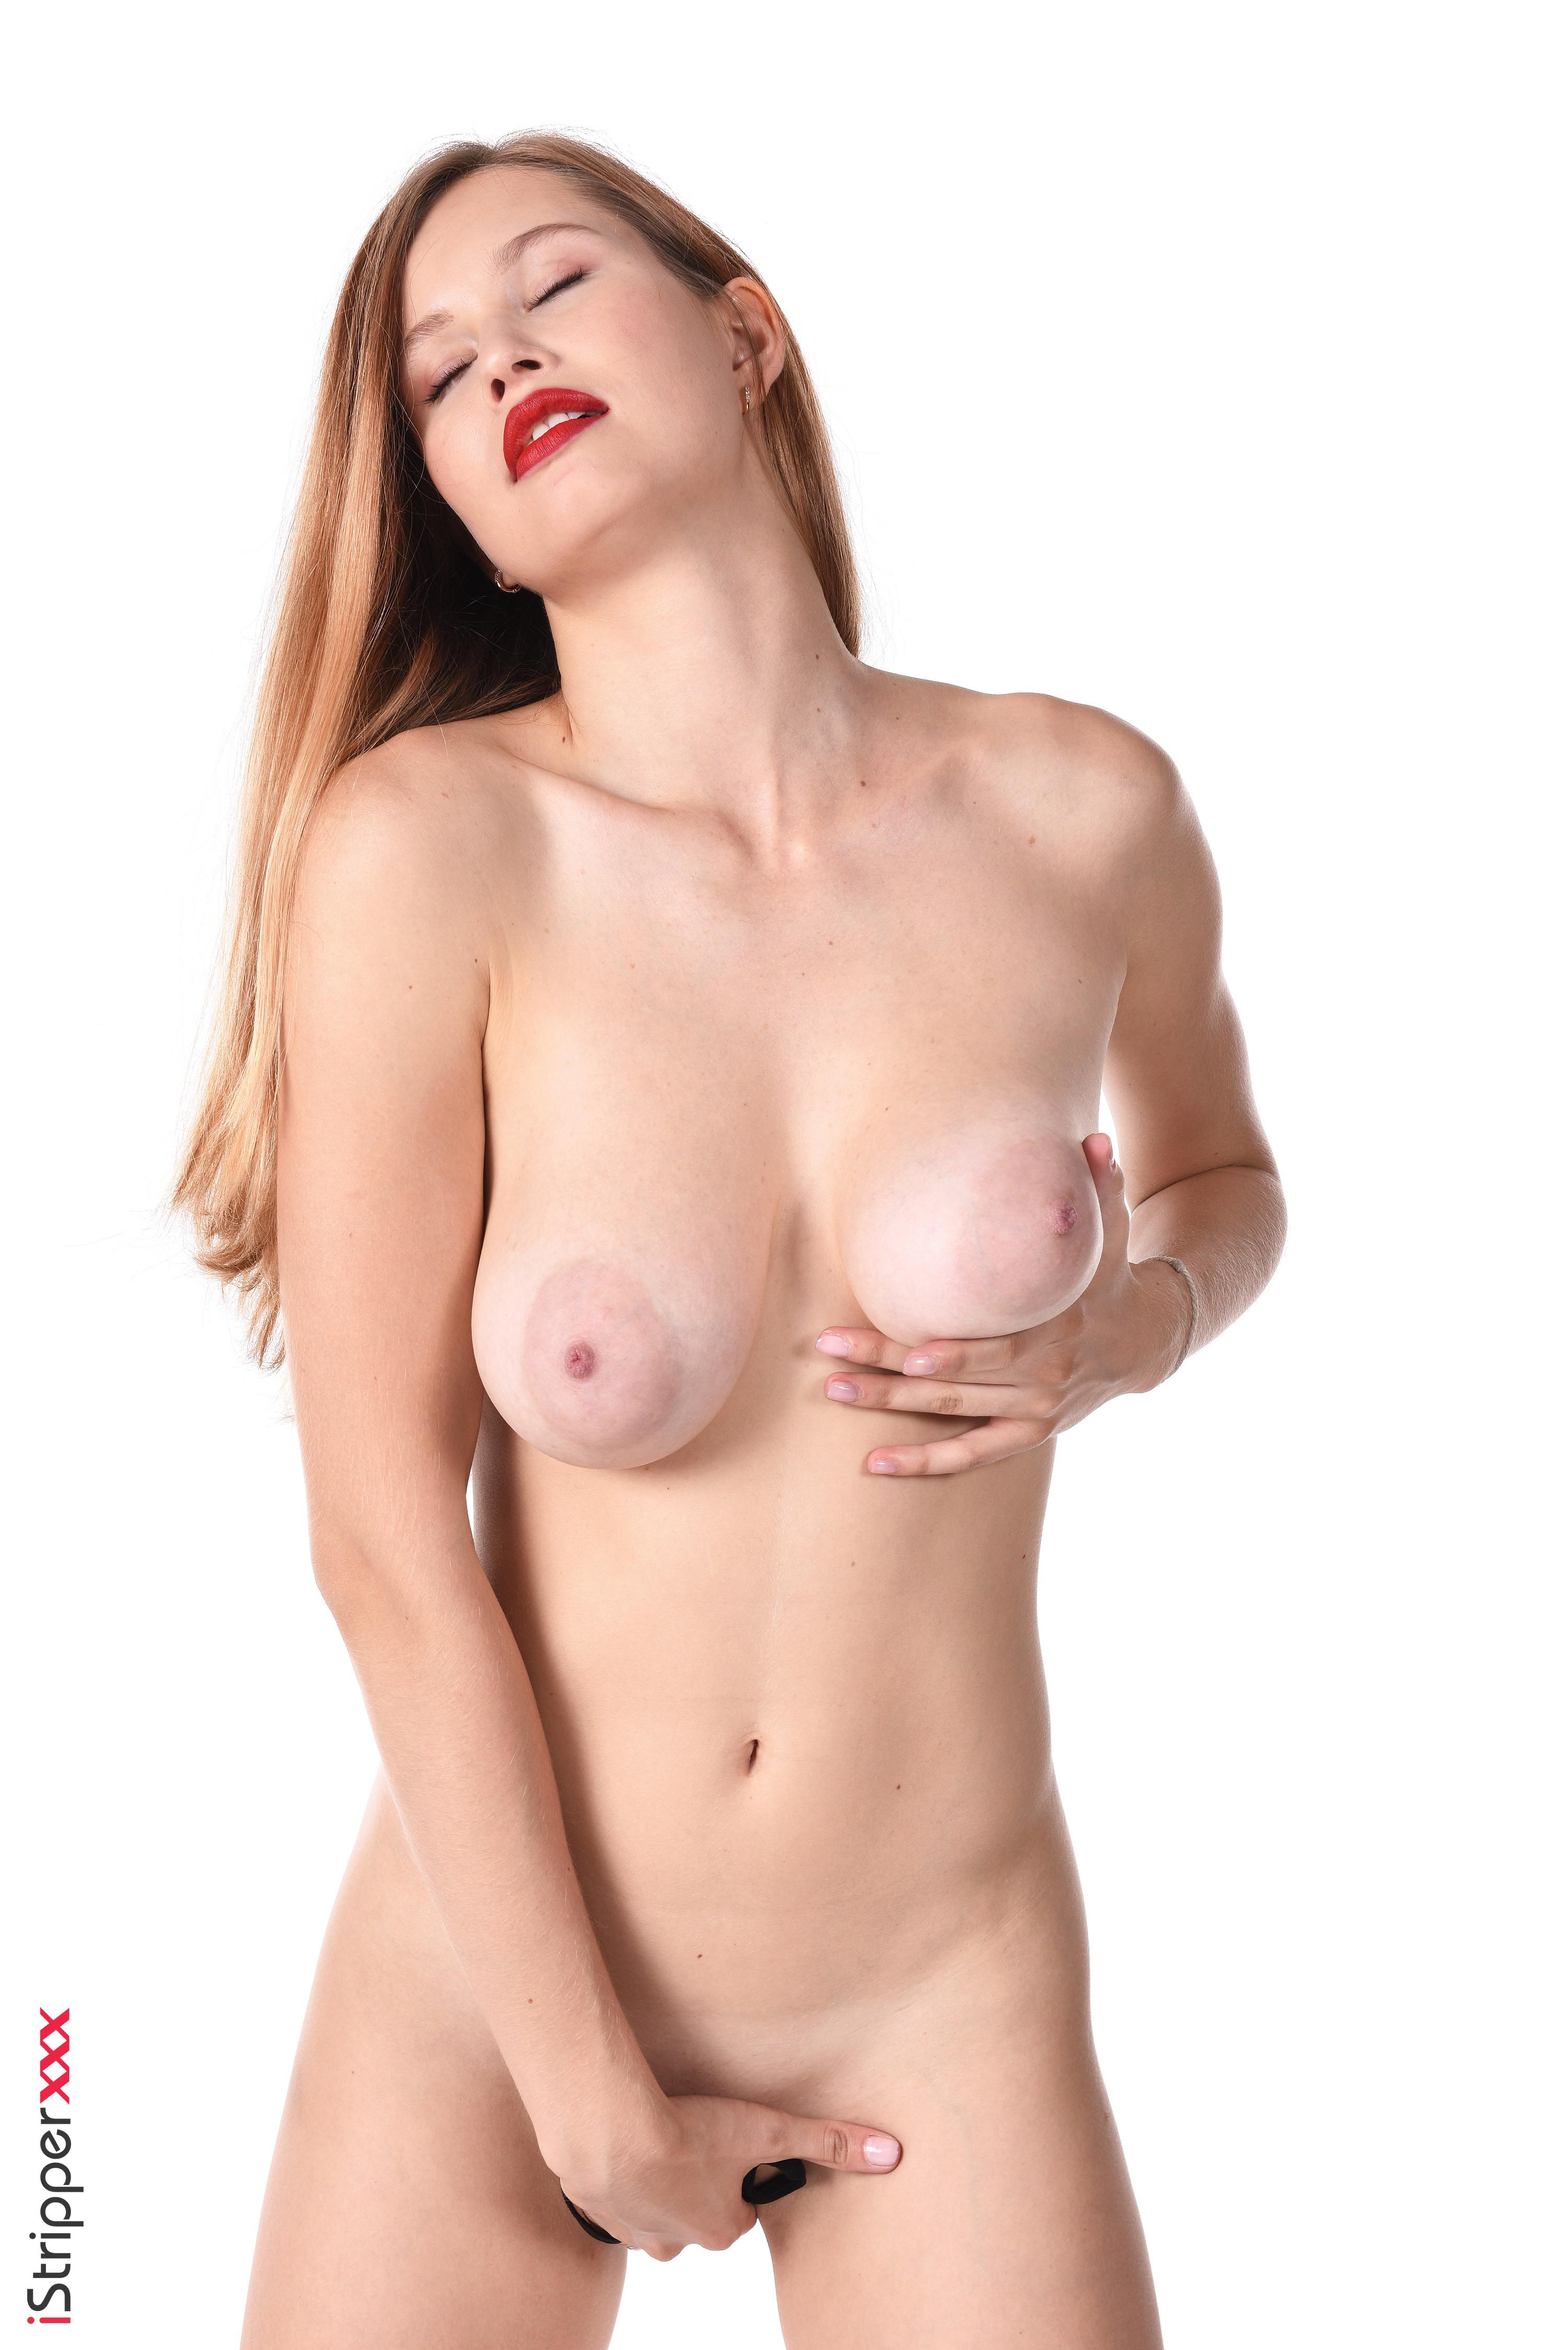 hd erotic wallpapers